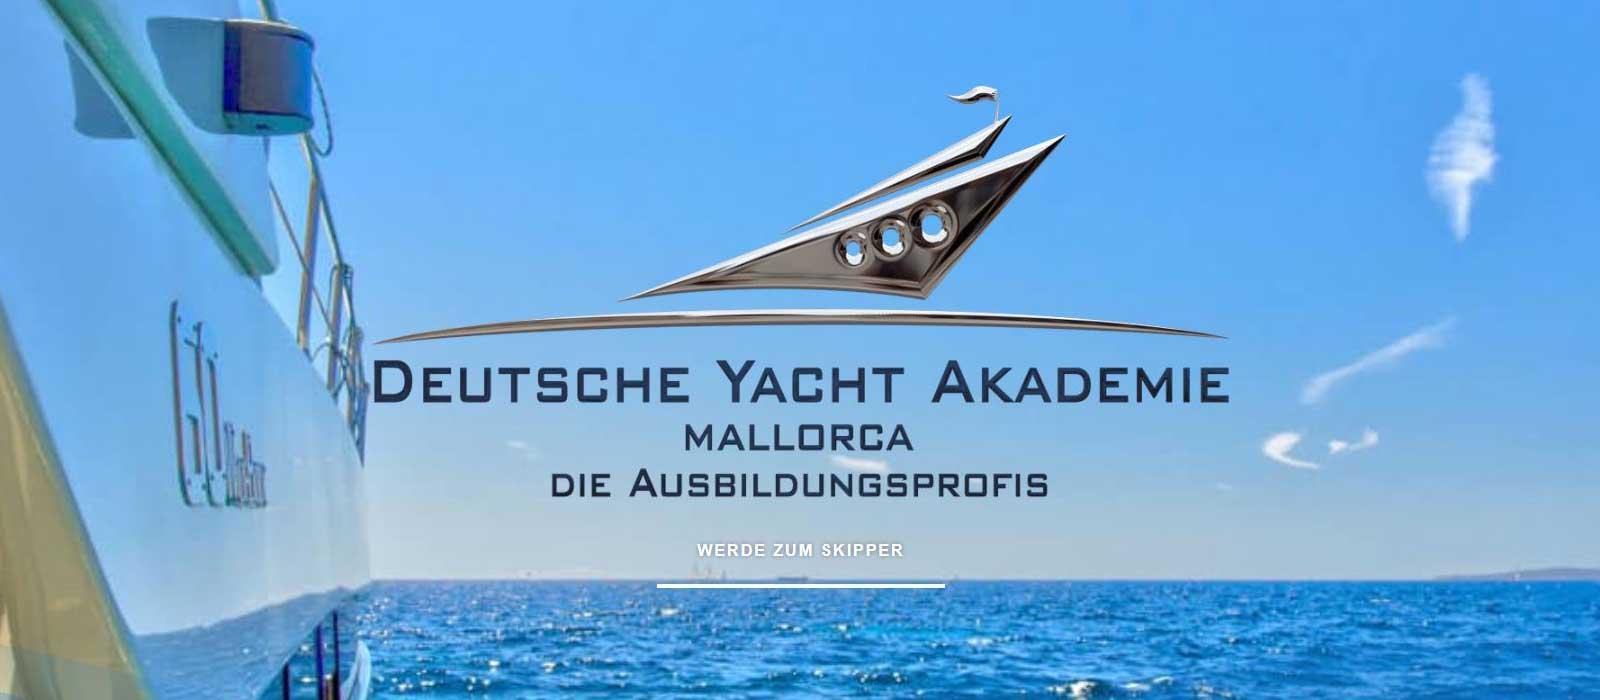 Bootsfahrschule Mallorca - Deutsche Yacht Akademie